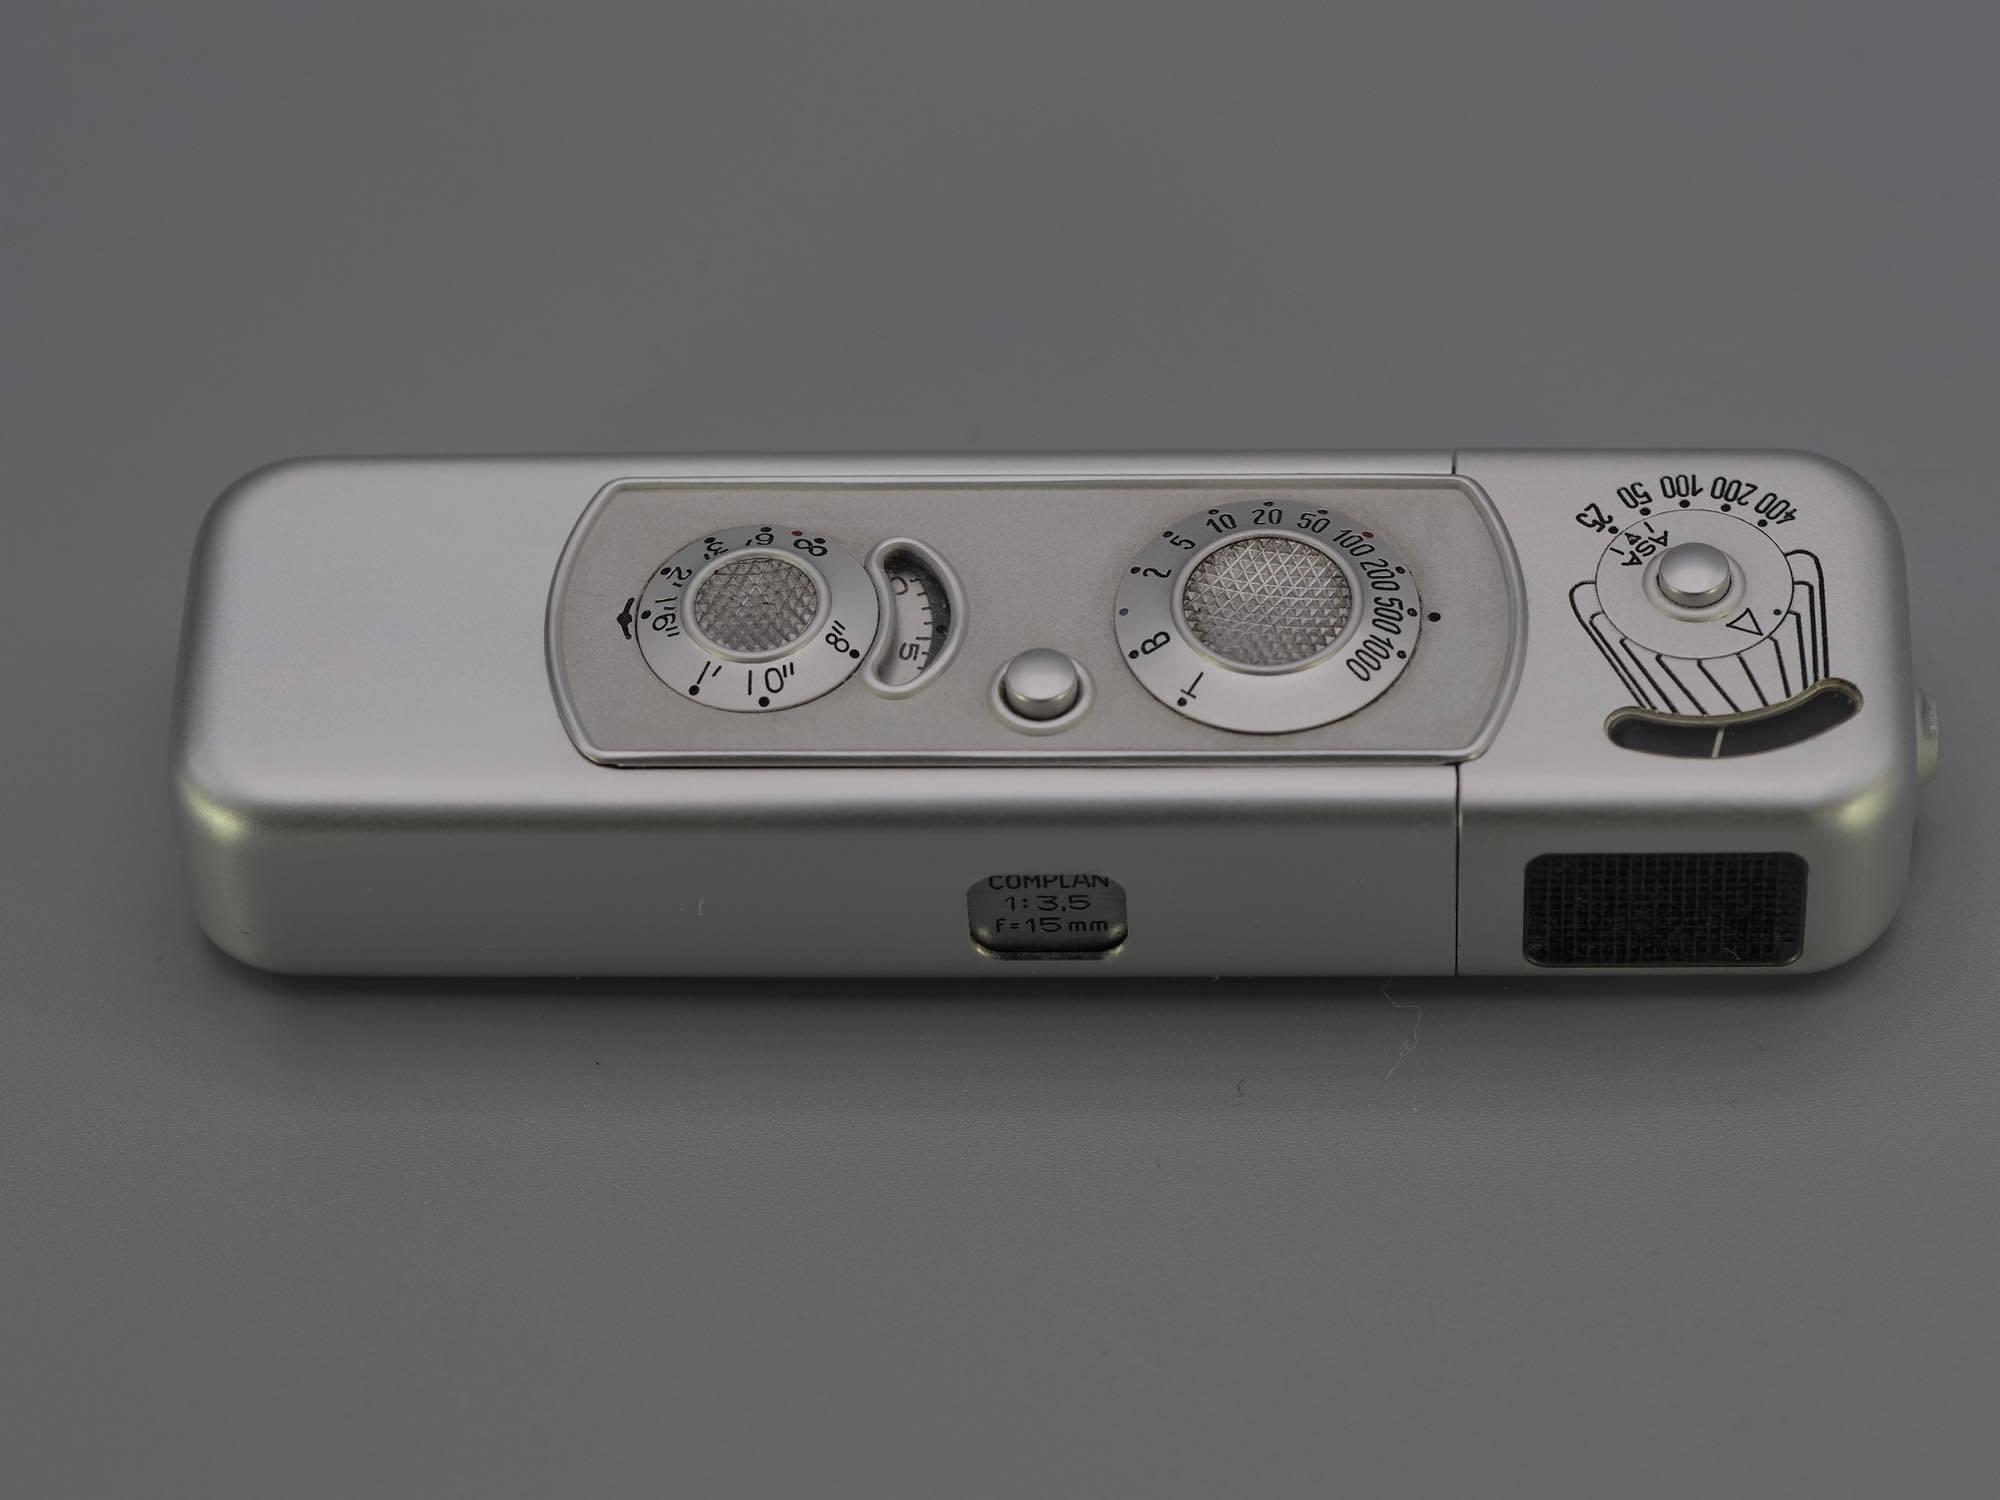 th_PC300010.jpg